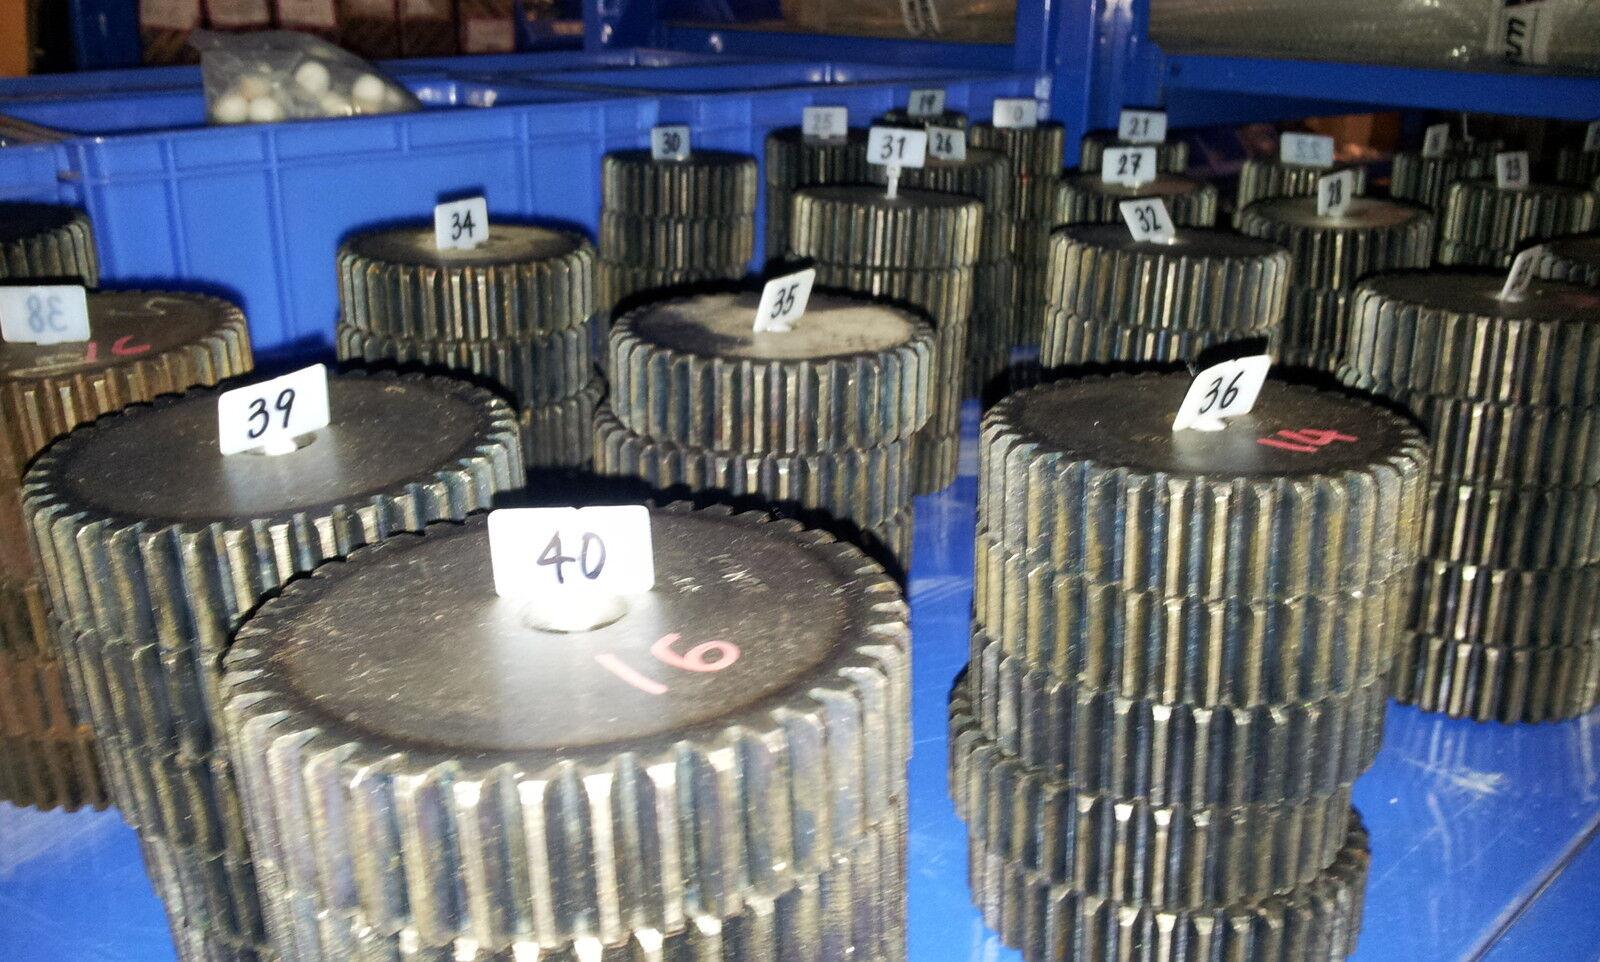 Zahnrad , Mold1,5 , Modul1,5 , Zähnezahl 130 , Material C45 ETZR-M1,5-130